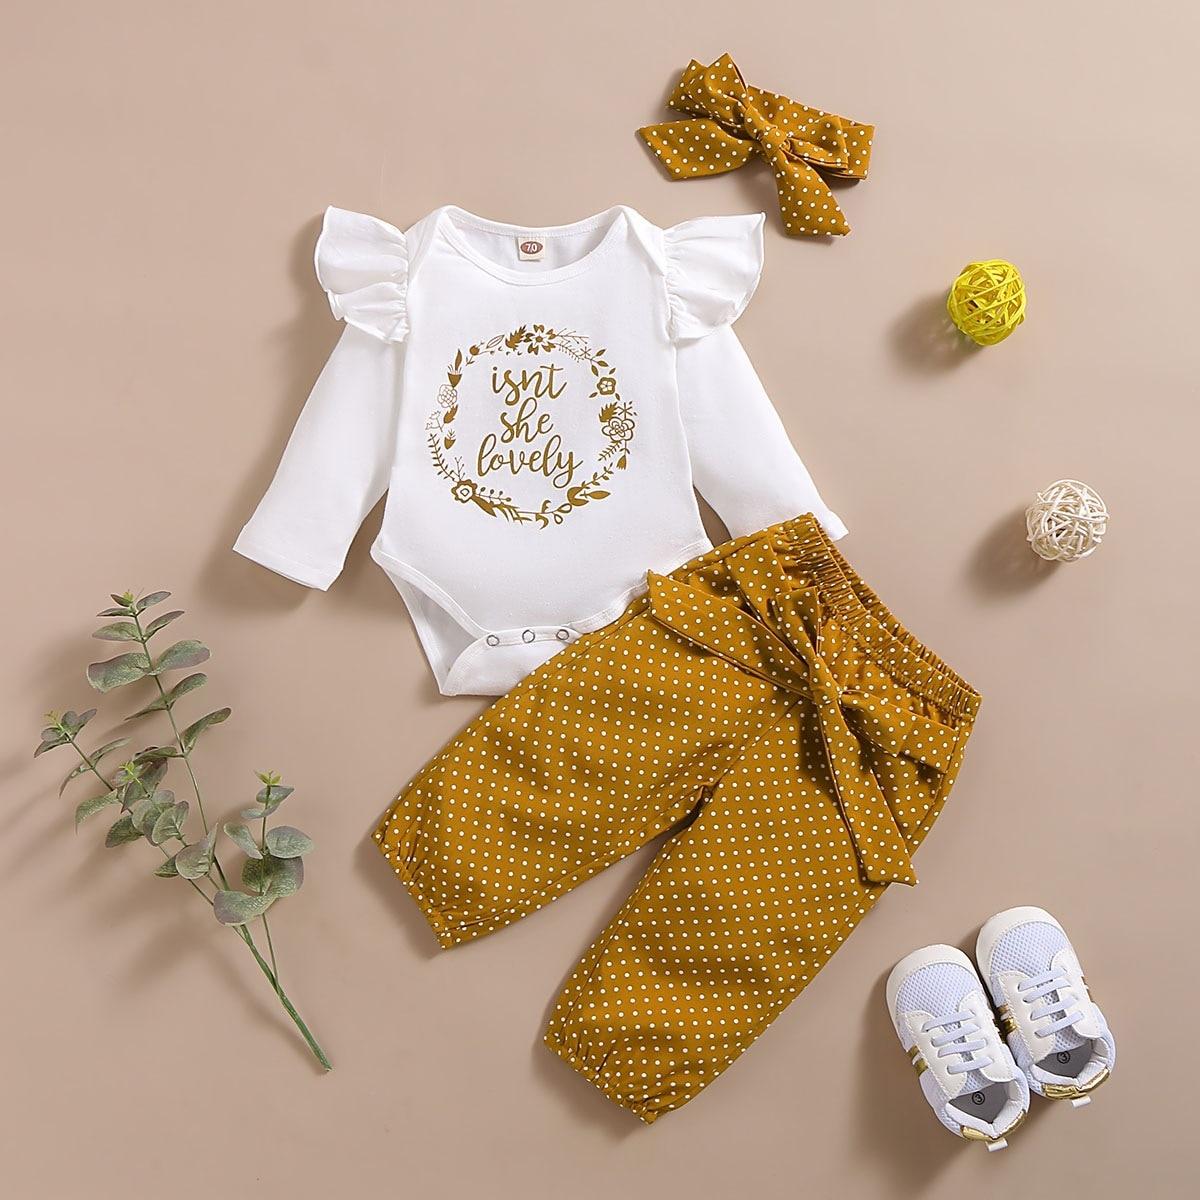 Conjunto de 3 uds. De ropa para niña recién nacida de otoño, conjunto de Pelele de algodón, pantalones de lunares, diadema, trajes de otoño, Ropa para Niñas